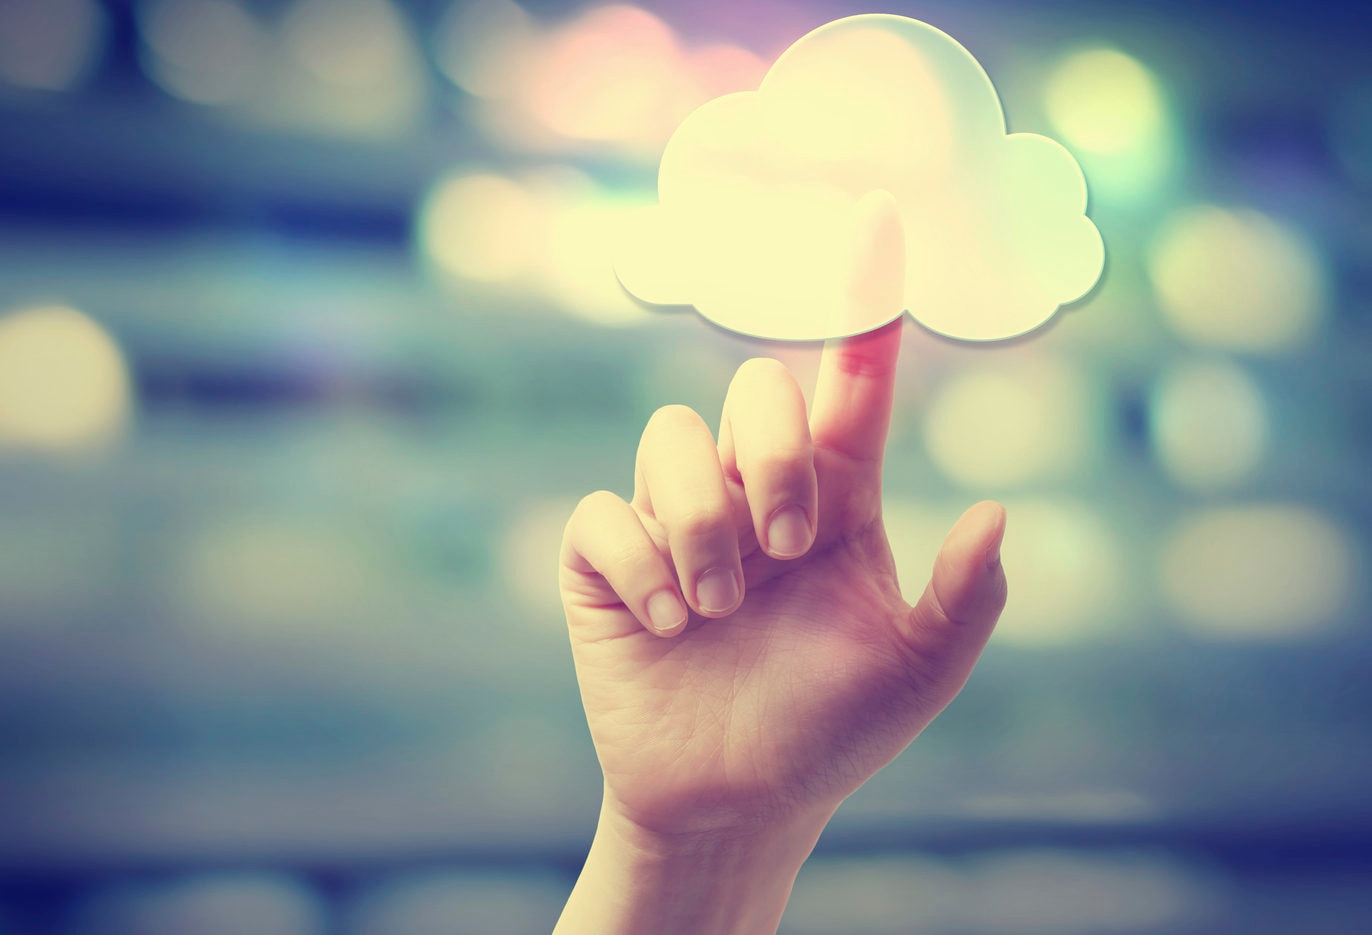 cloud computing NUBE INTERNET TECNOLOGIA INFORMATICA RECURSO